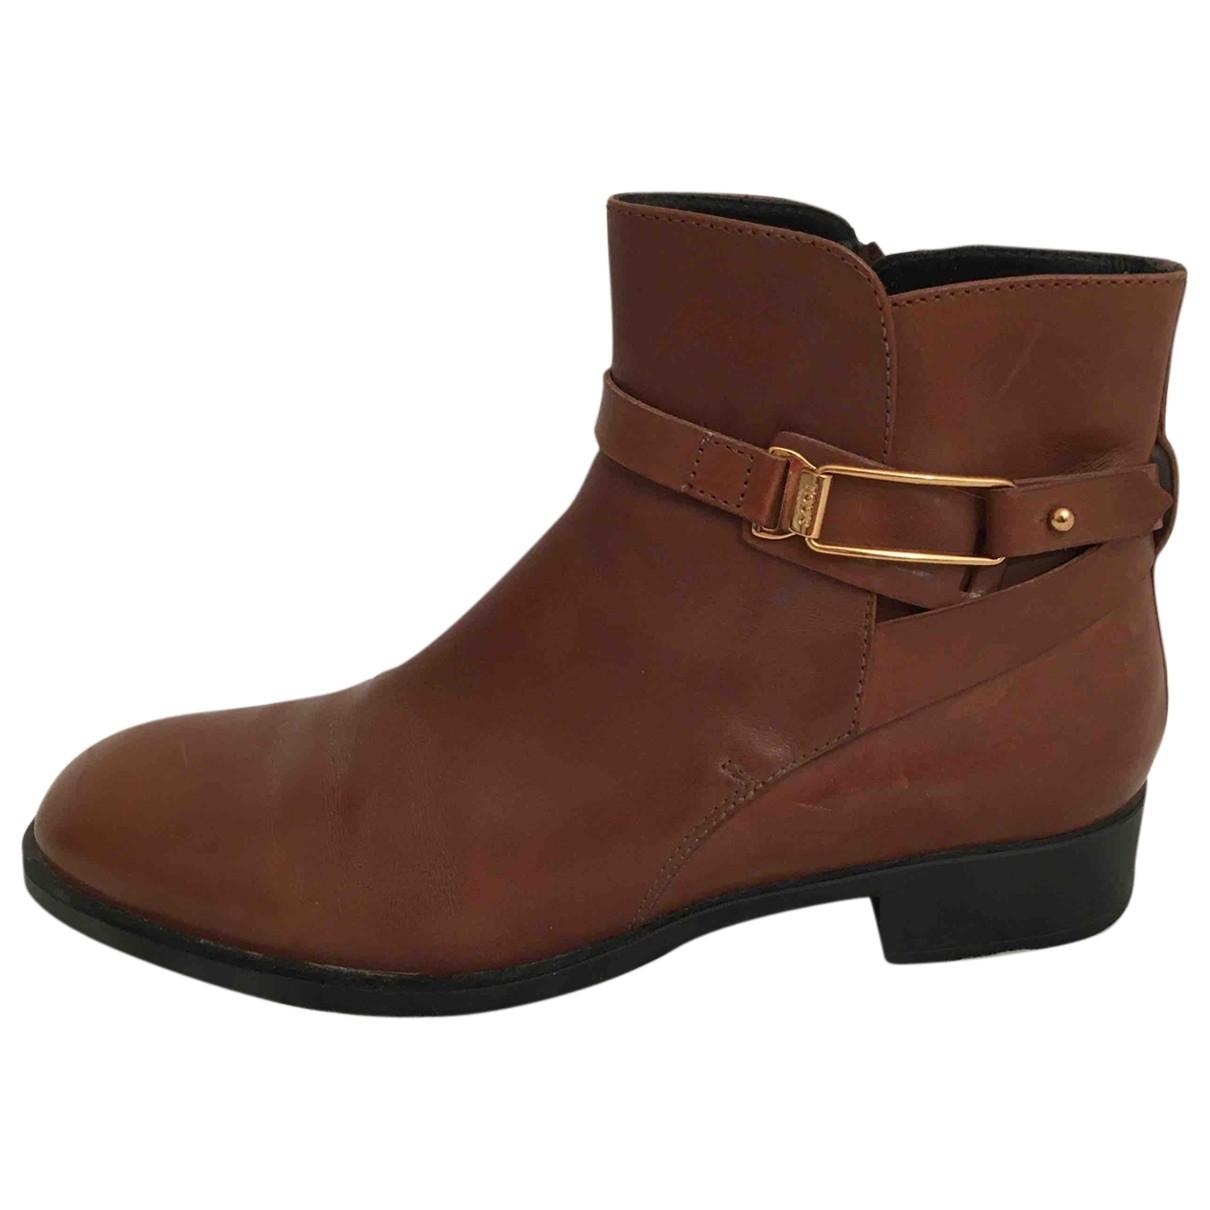 Tods - Boots   pour femme en cuir - camel